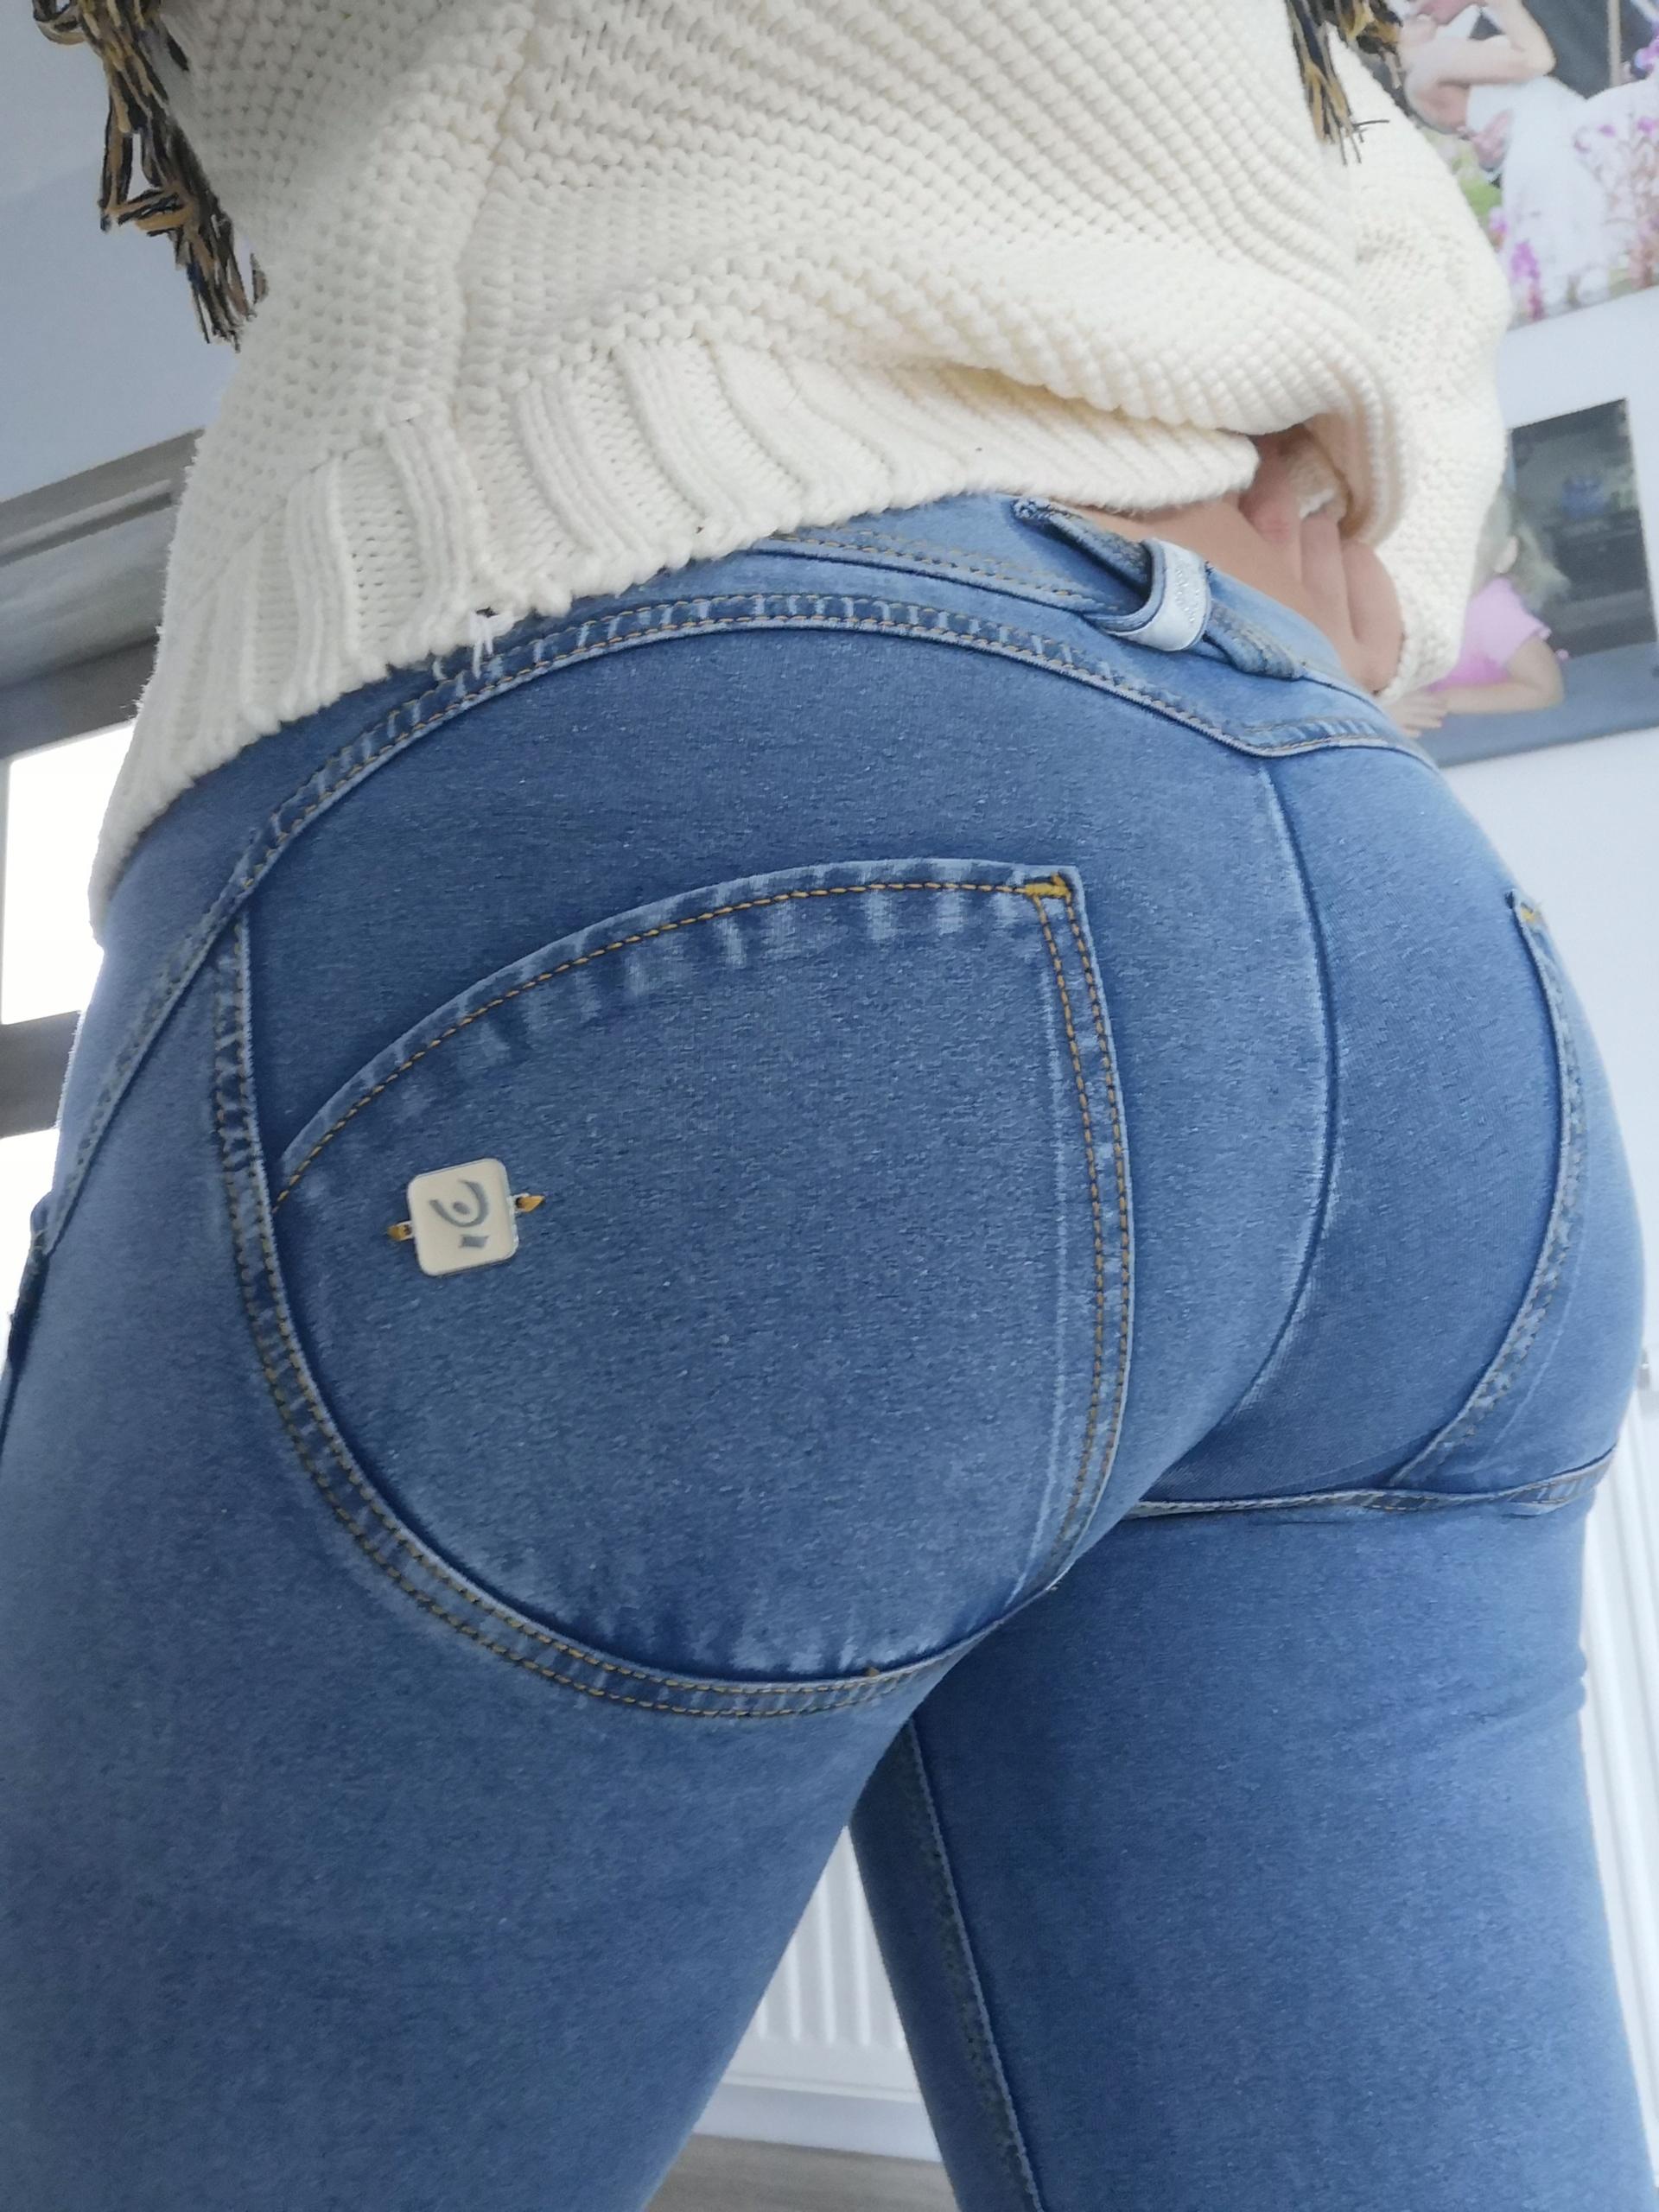 a440254b637367 Freddy wr.up spodnie push upewnić jeansy - 7807863088 - oficjalne ...